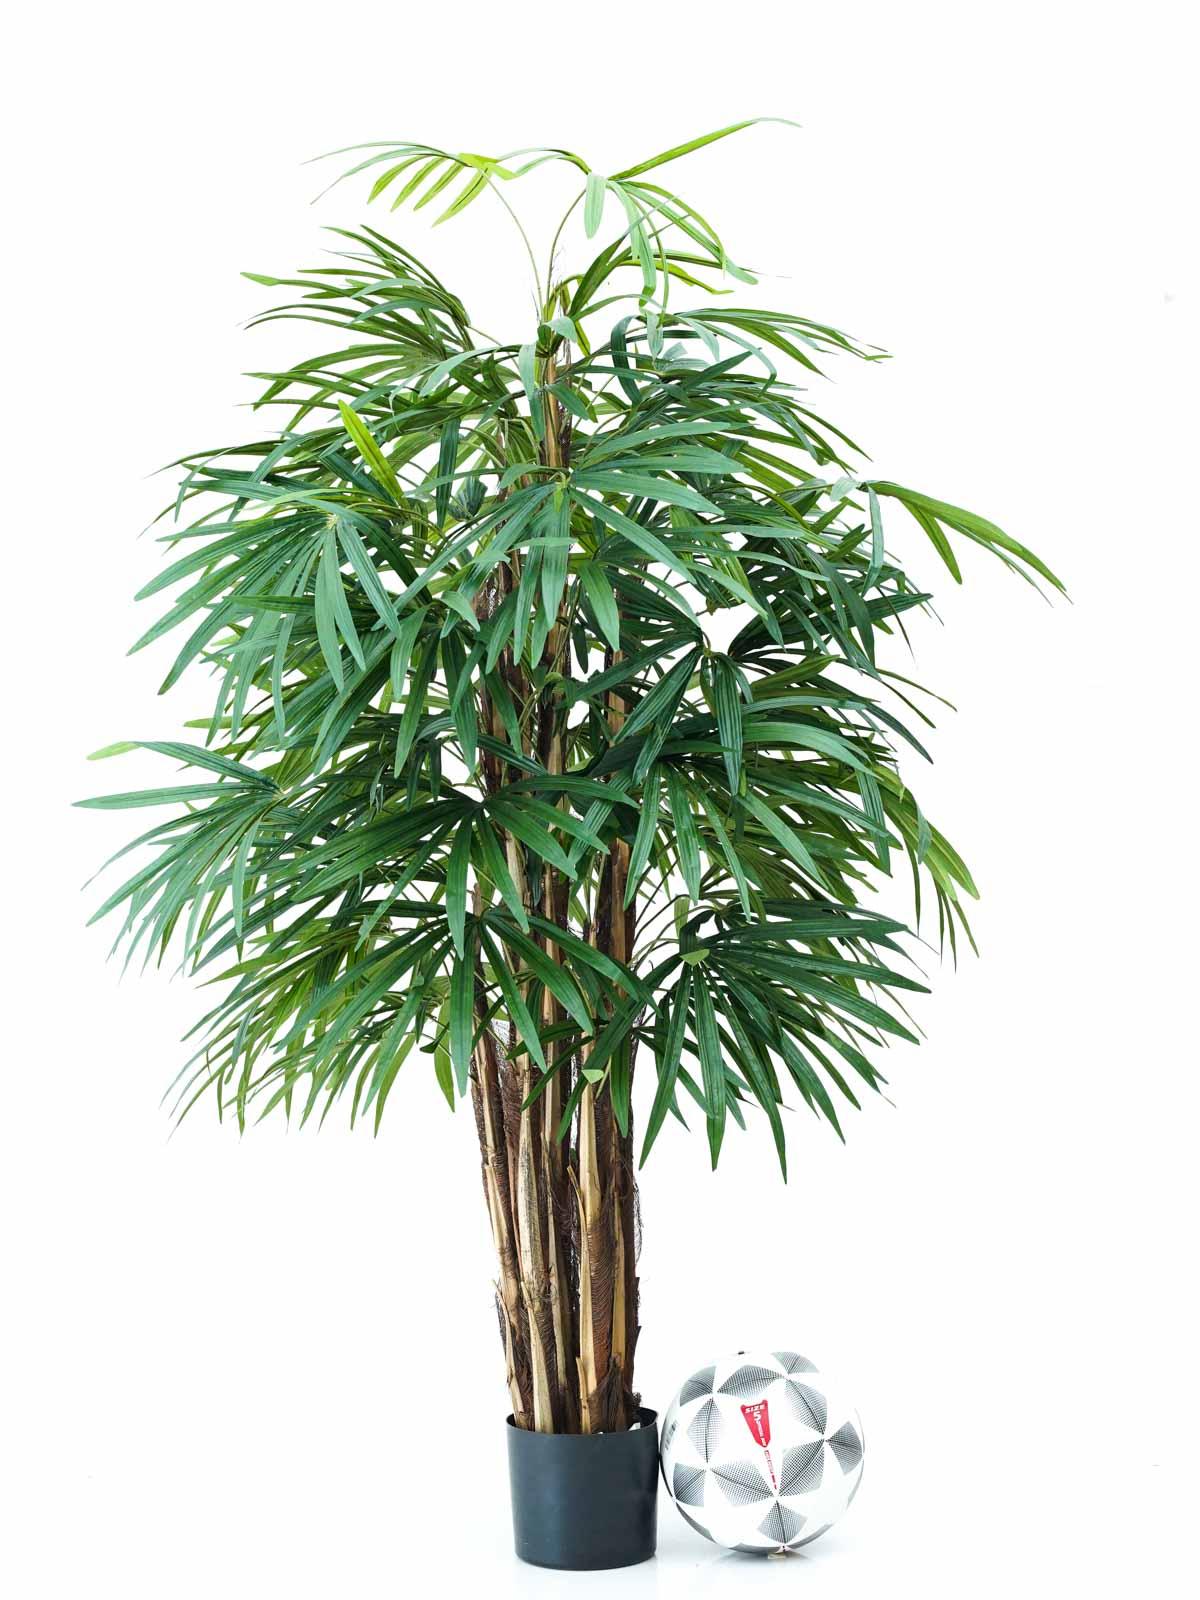 شجرة بامبو - كبير نباتات اصطناعية أشجار